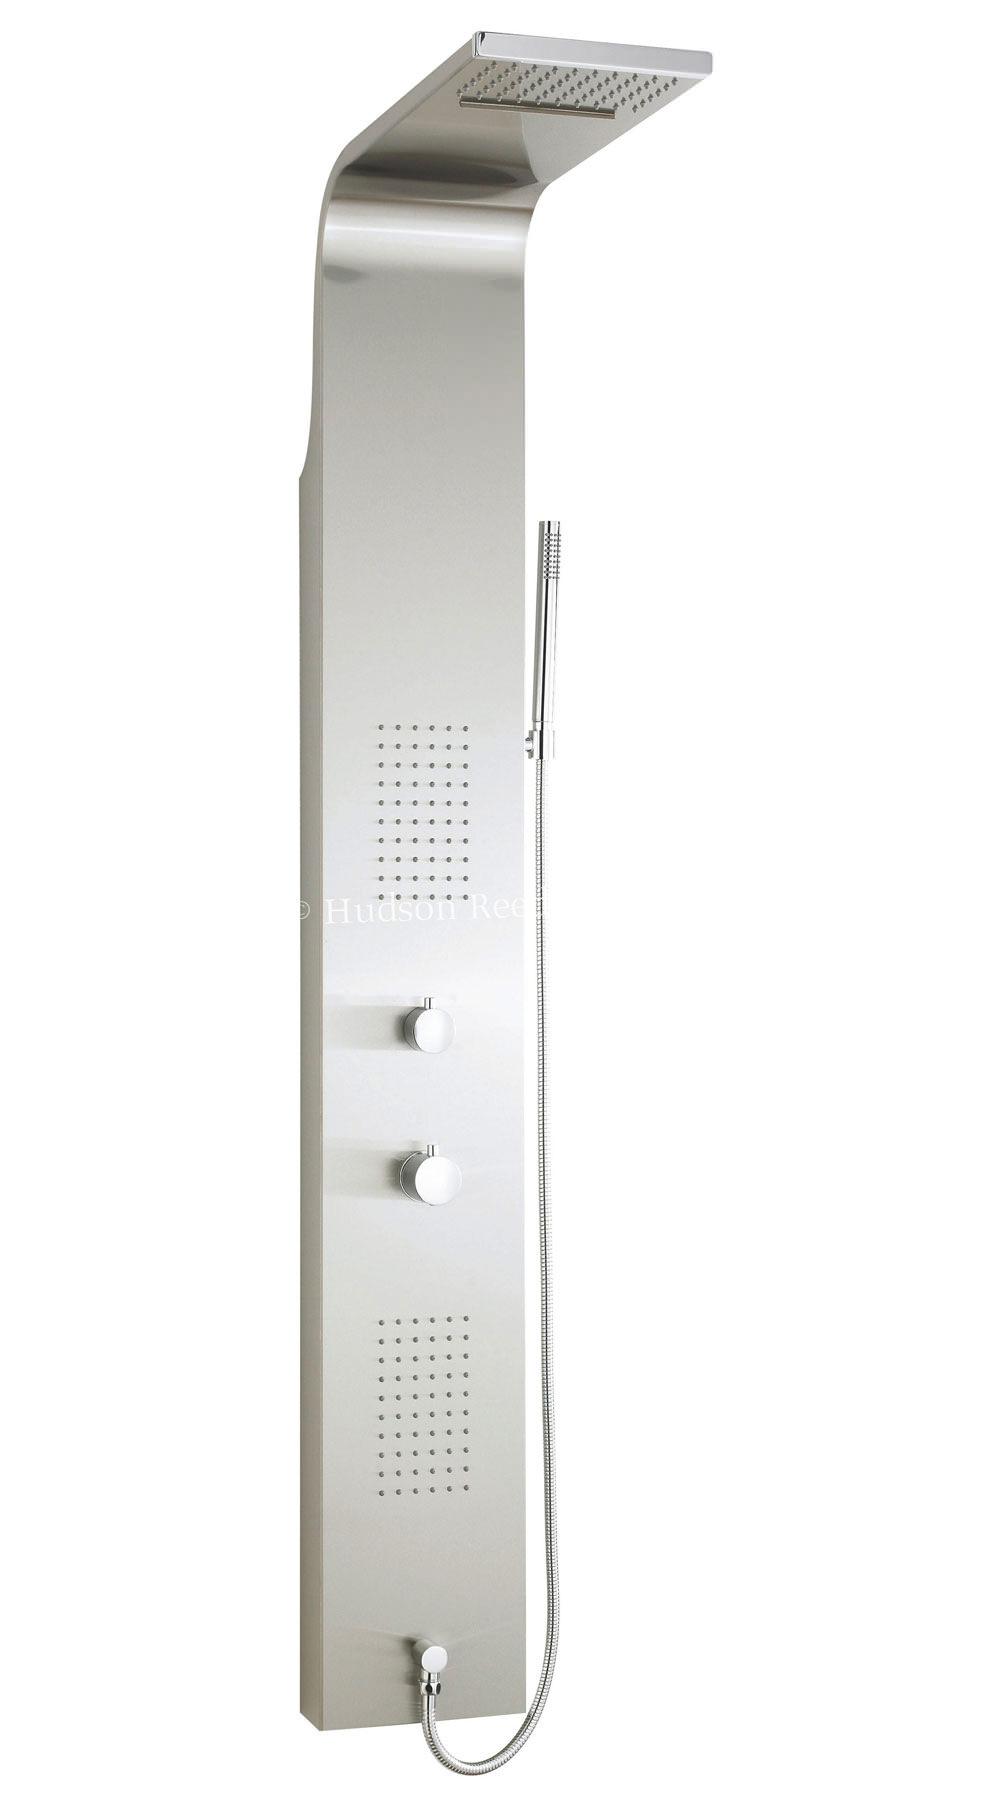 hudson reed shower panel. Black Bedroom Furniture Sets. Home Design Ideas